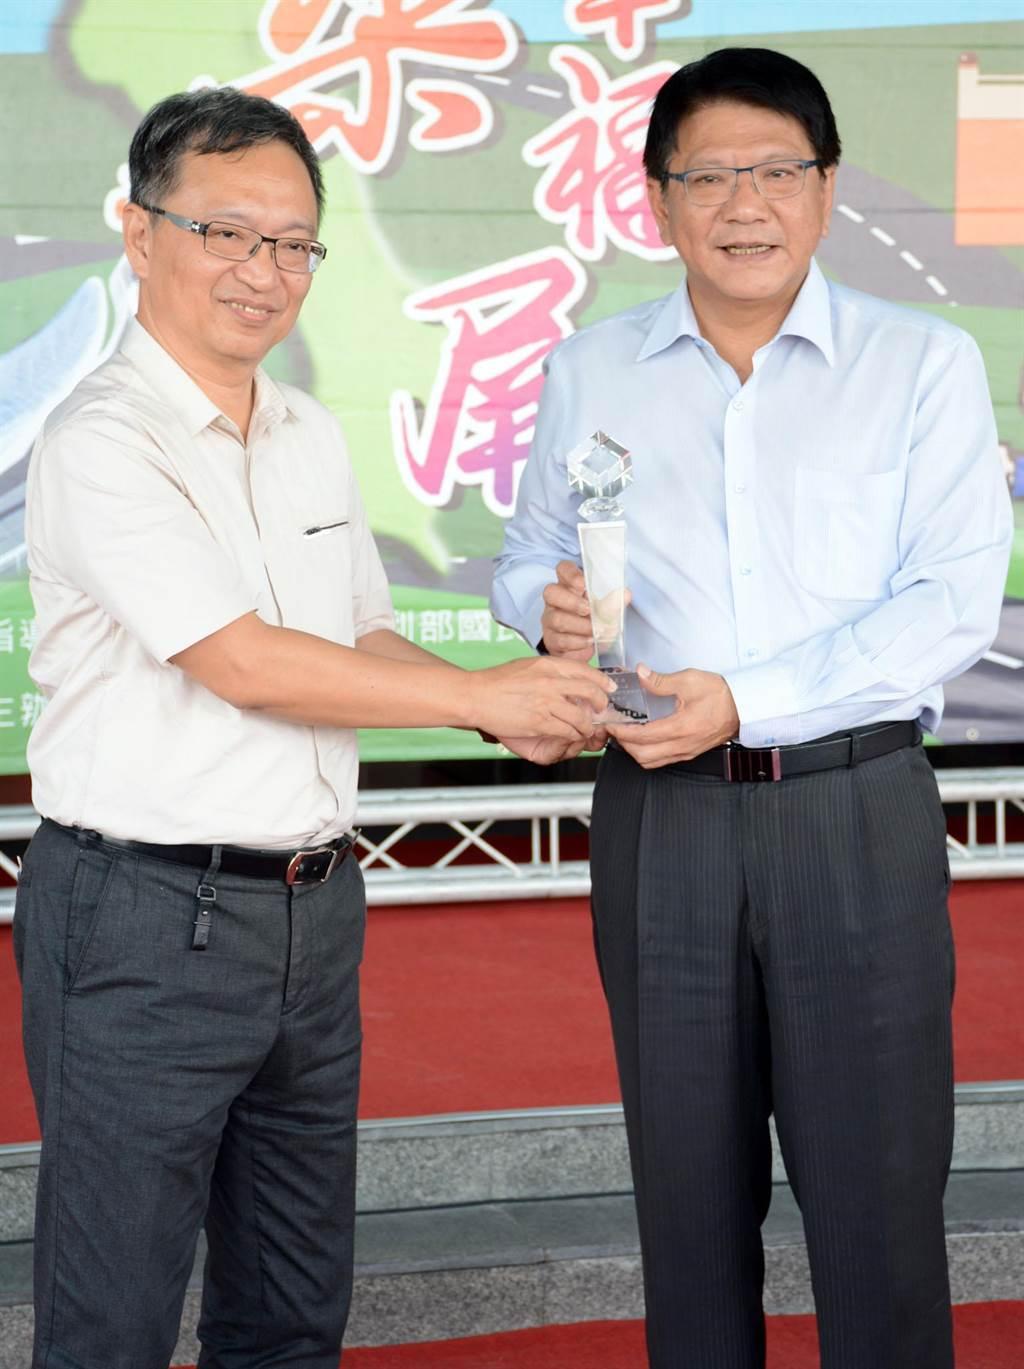 屏縣衛生局長薛瑞元(左)確定接下衛福部常務次長一職,屏東縣長潘孟安也給予祝福。(林和生攝)